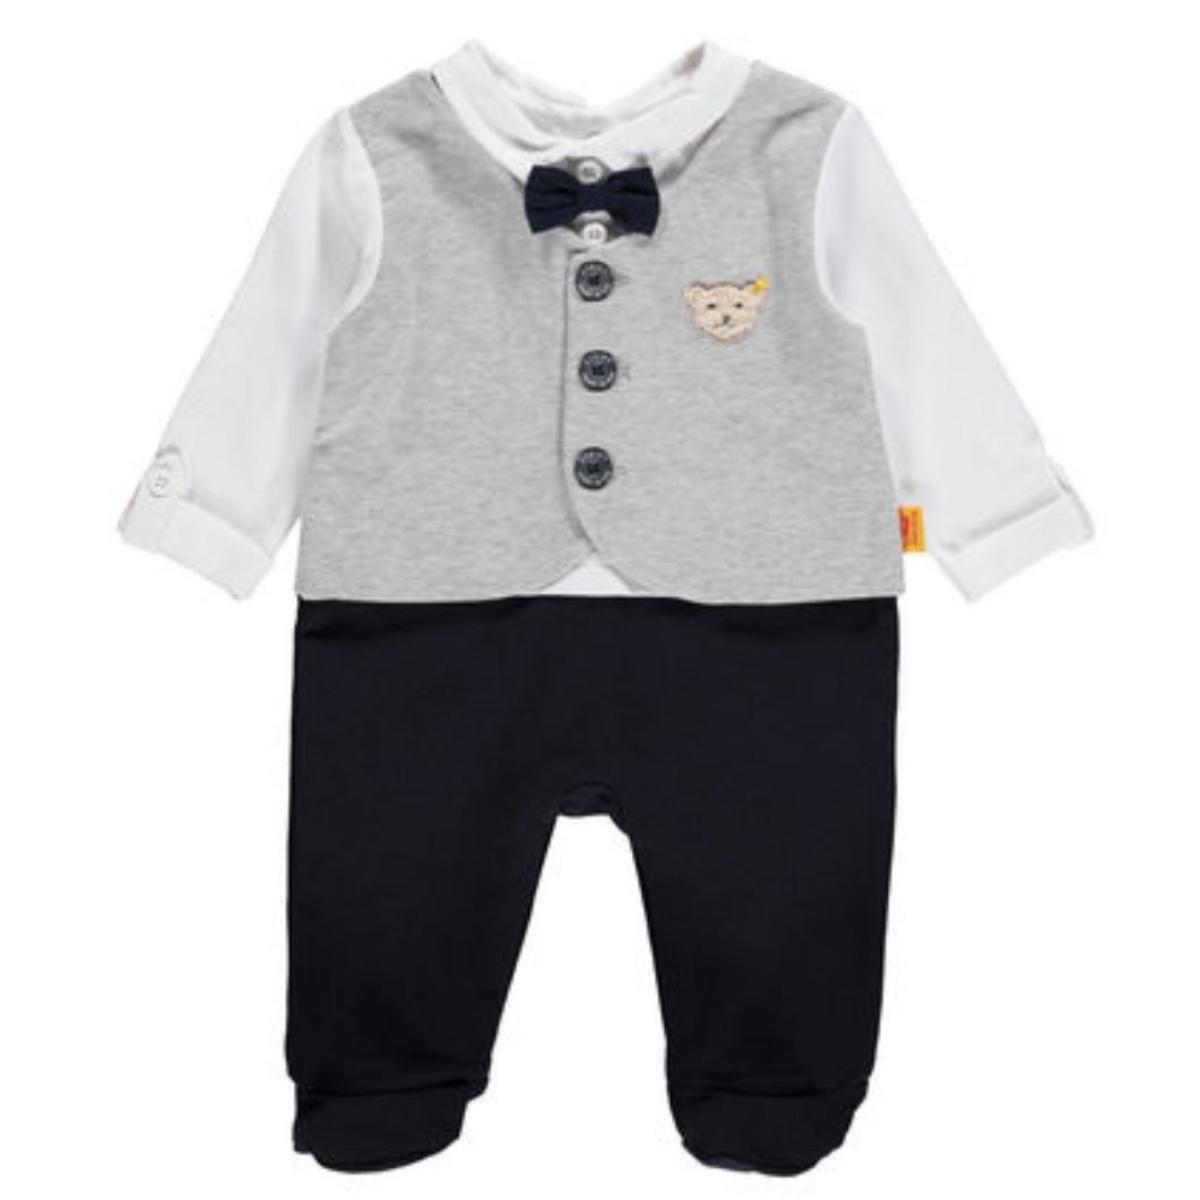 Steiff baby jungen strampler 1 1 arm special day grau blau 6842872 mybaby welcome - Festliche mode jungen ...